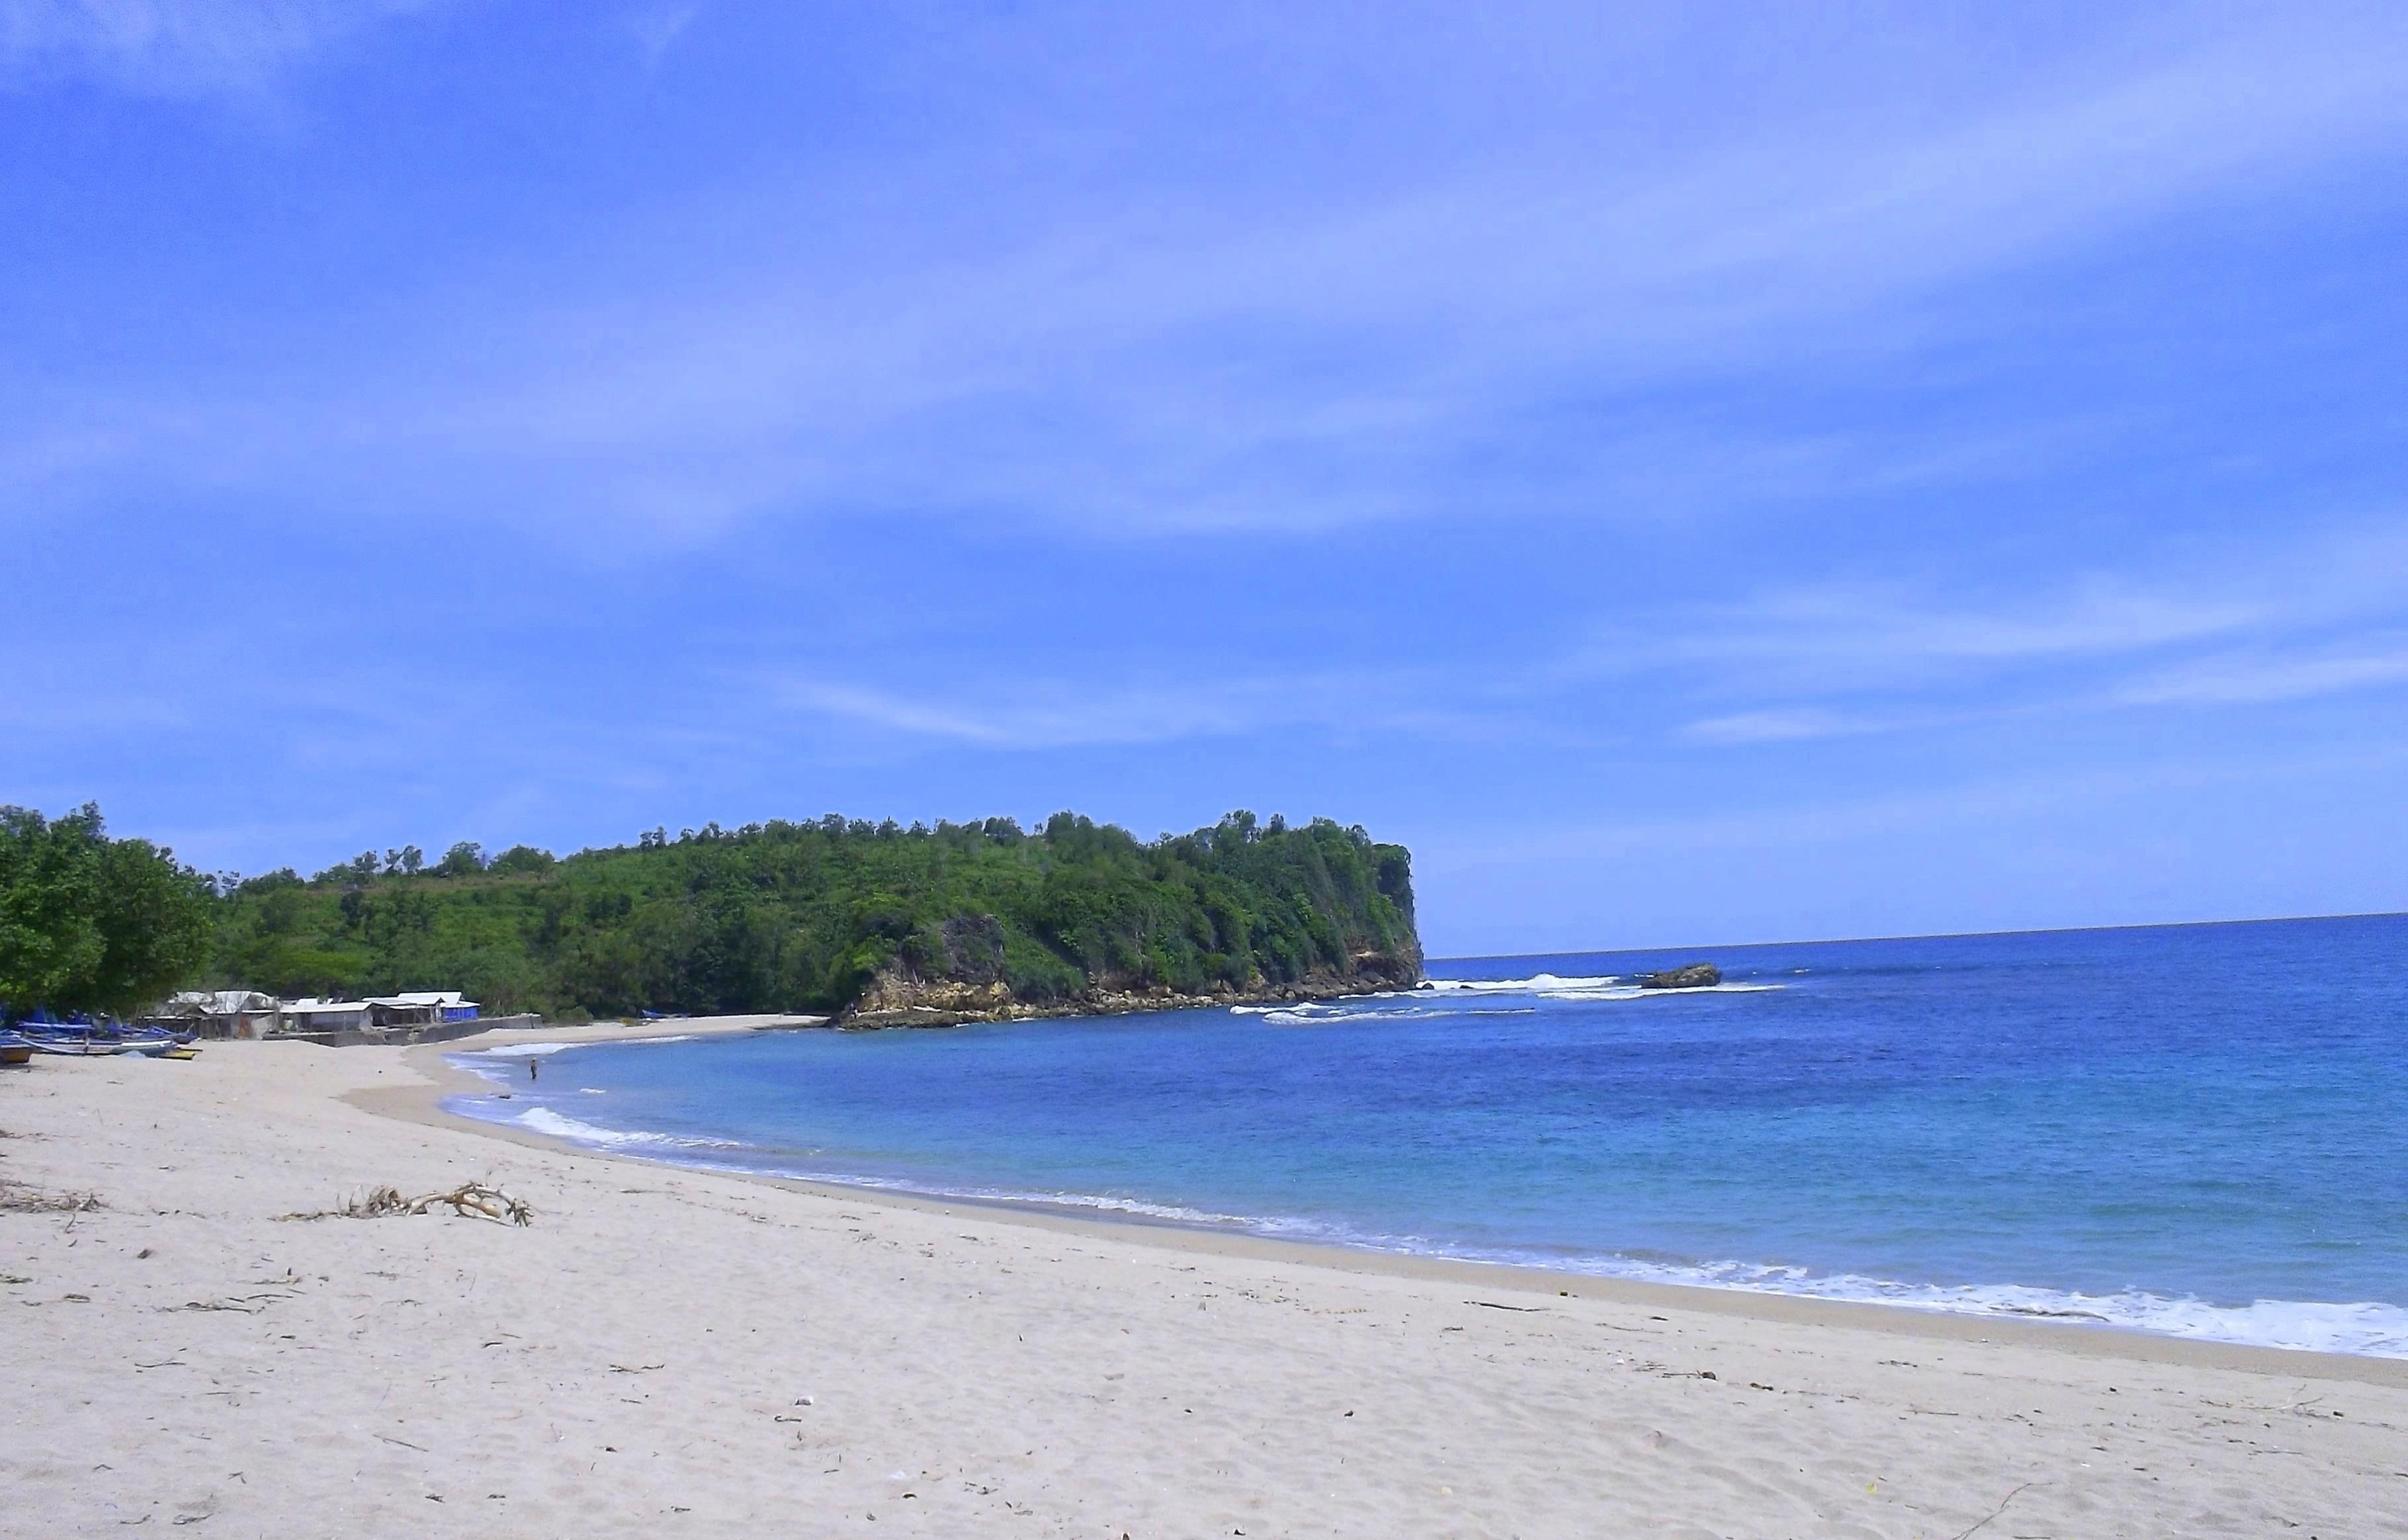 Pantai Tambakrejo - Wikipedia bahasa Indonesia, ensiklopedia bebas